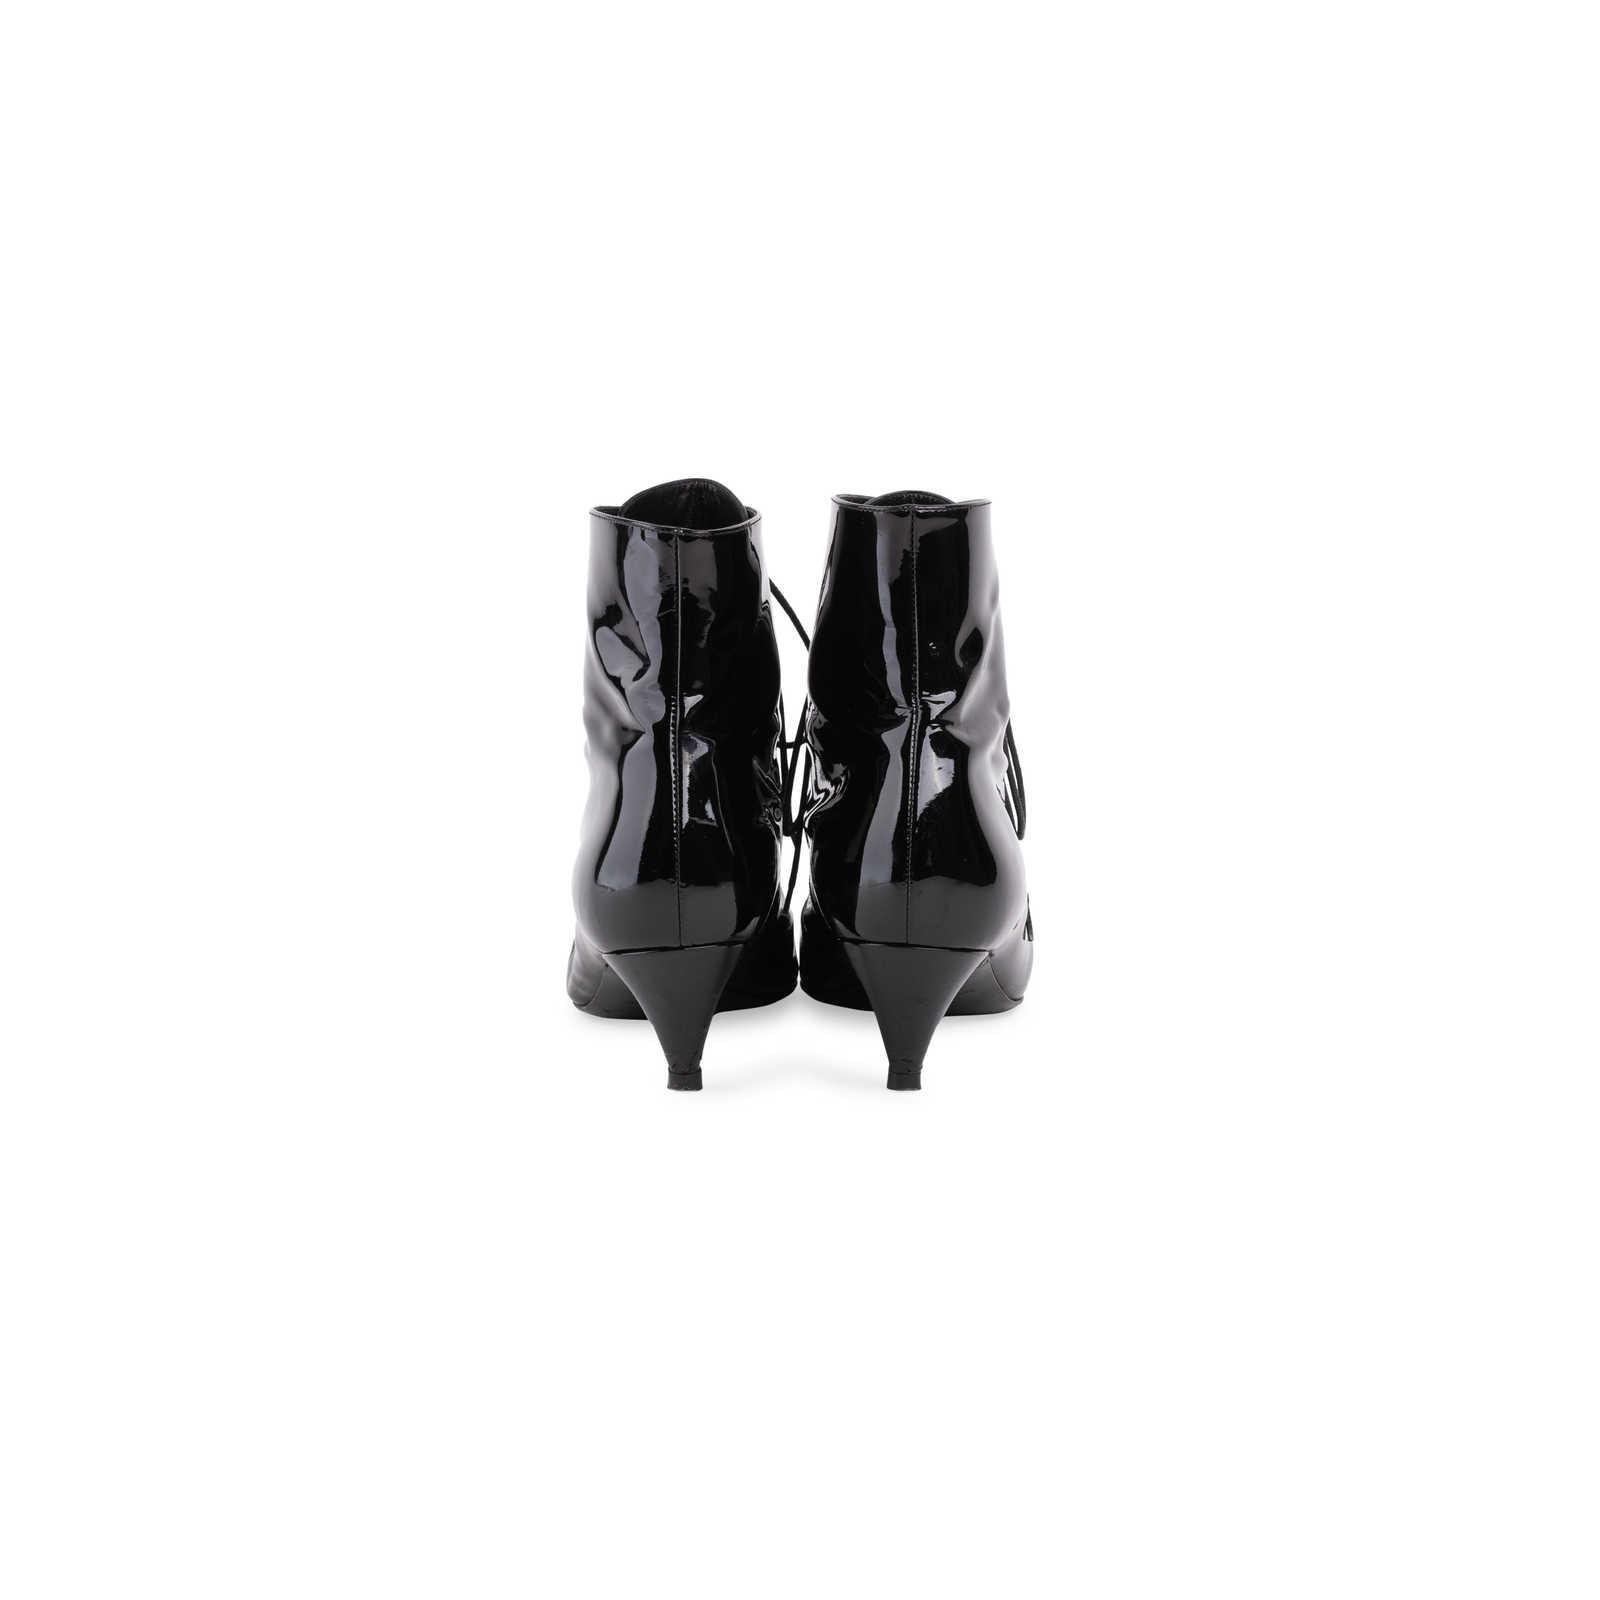 1de53b07e8b ... Authentic Second Hand Saint Laurent Cat 50 Patent Leather Booties  (PSS-637-00021 ...